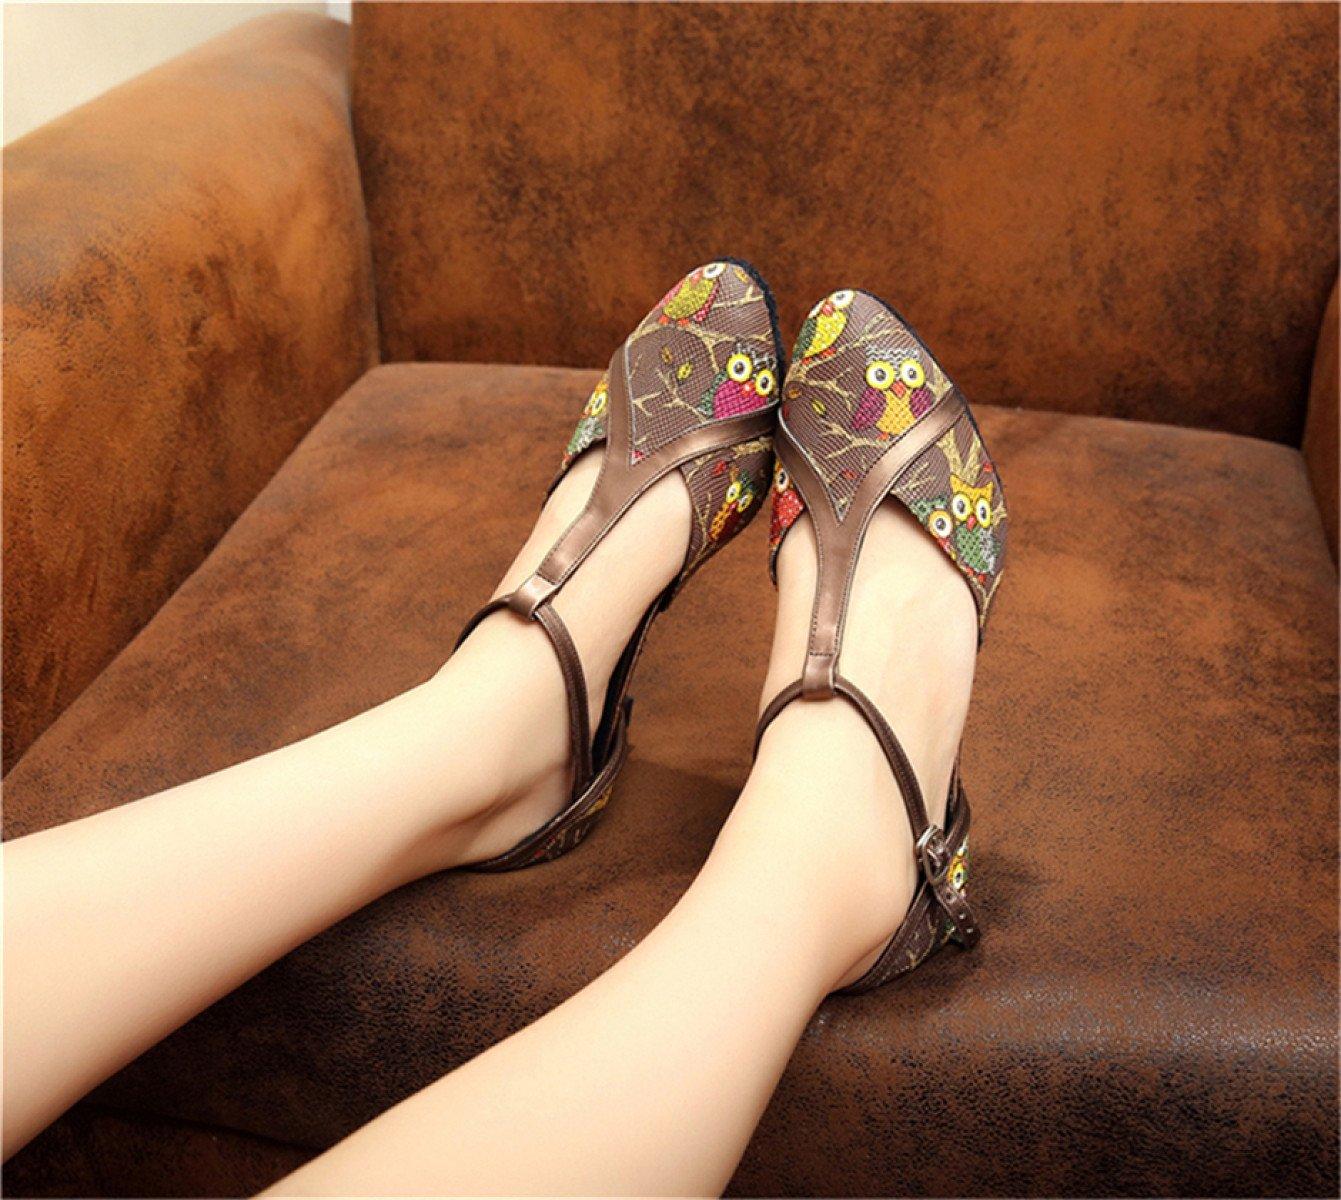 JSHOE Damenschuhe Latin Dance Geschlossene Zehe High High High Heel Salsa Tango Modern Jazz Schuhe Sandalen,Braun-heeled6cm-UK5.5/EU38/Our39 - 085288